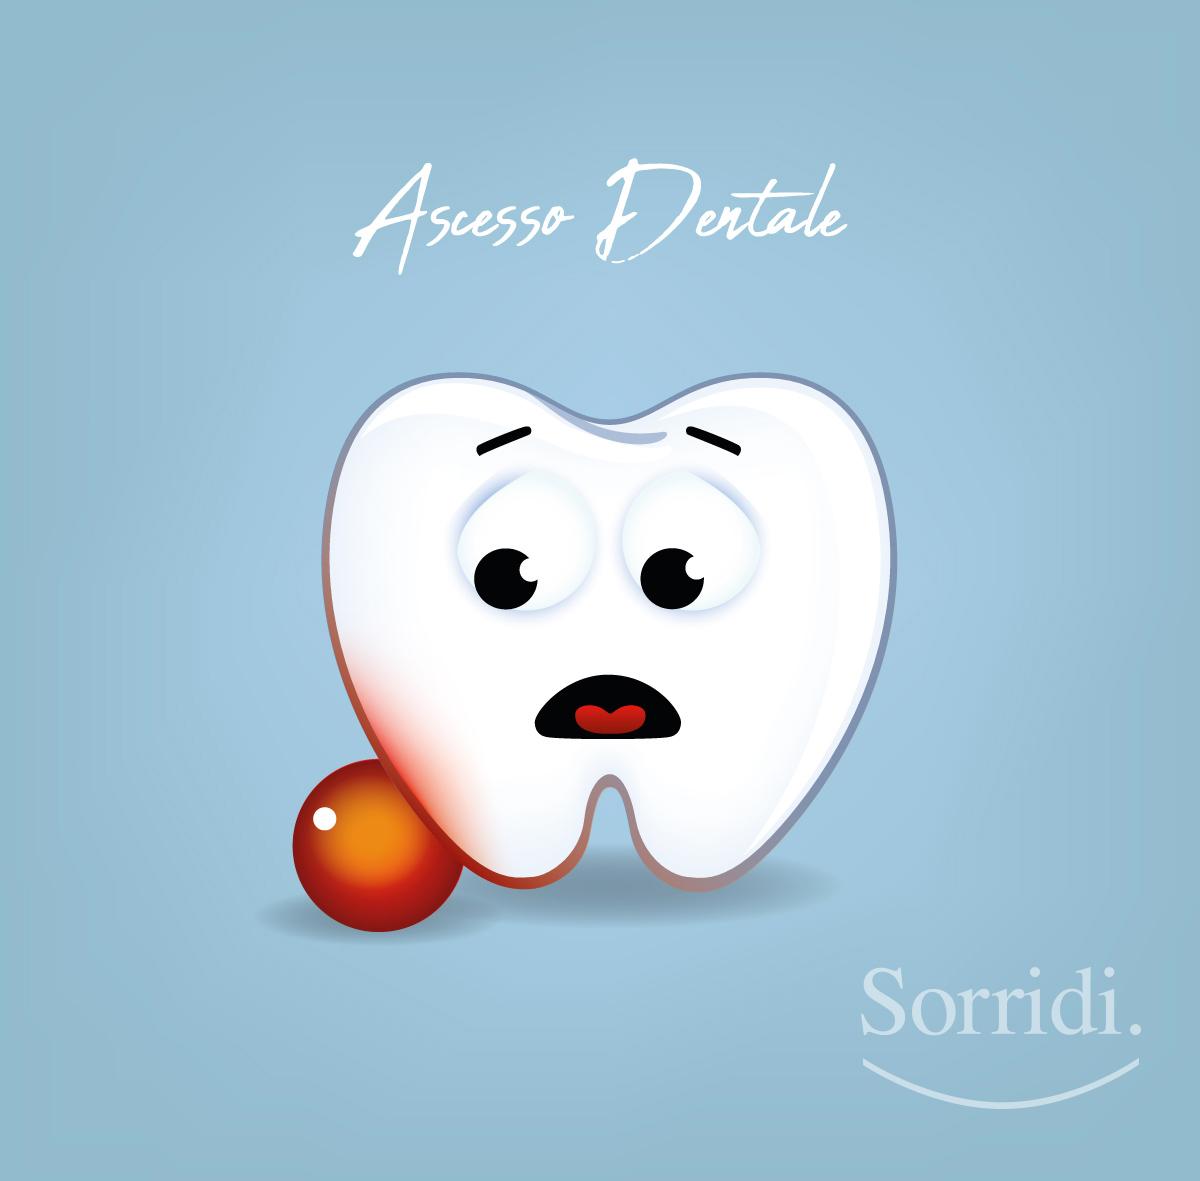 ascesso-dentale-bambini-sorridi-ch-magazine-dentista-locarno